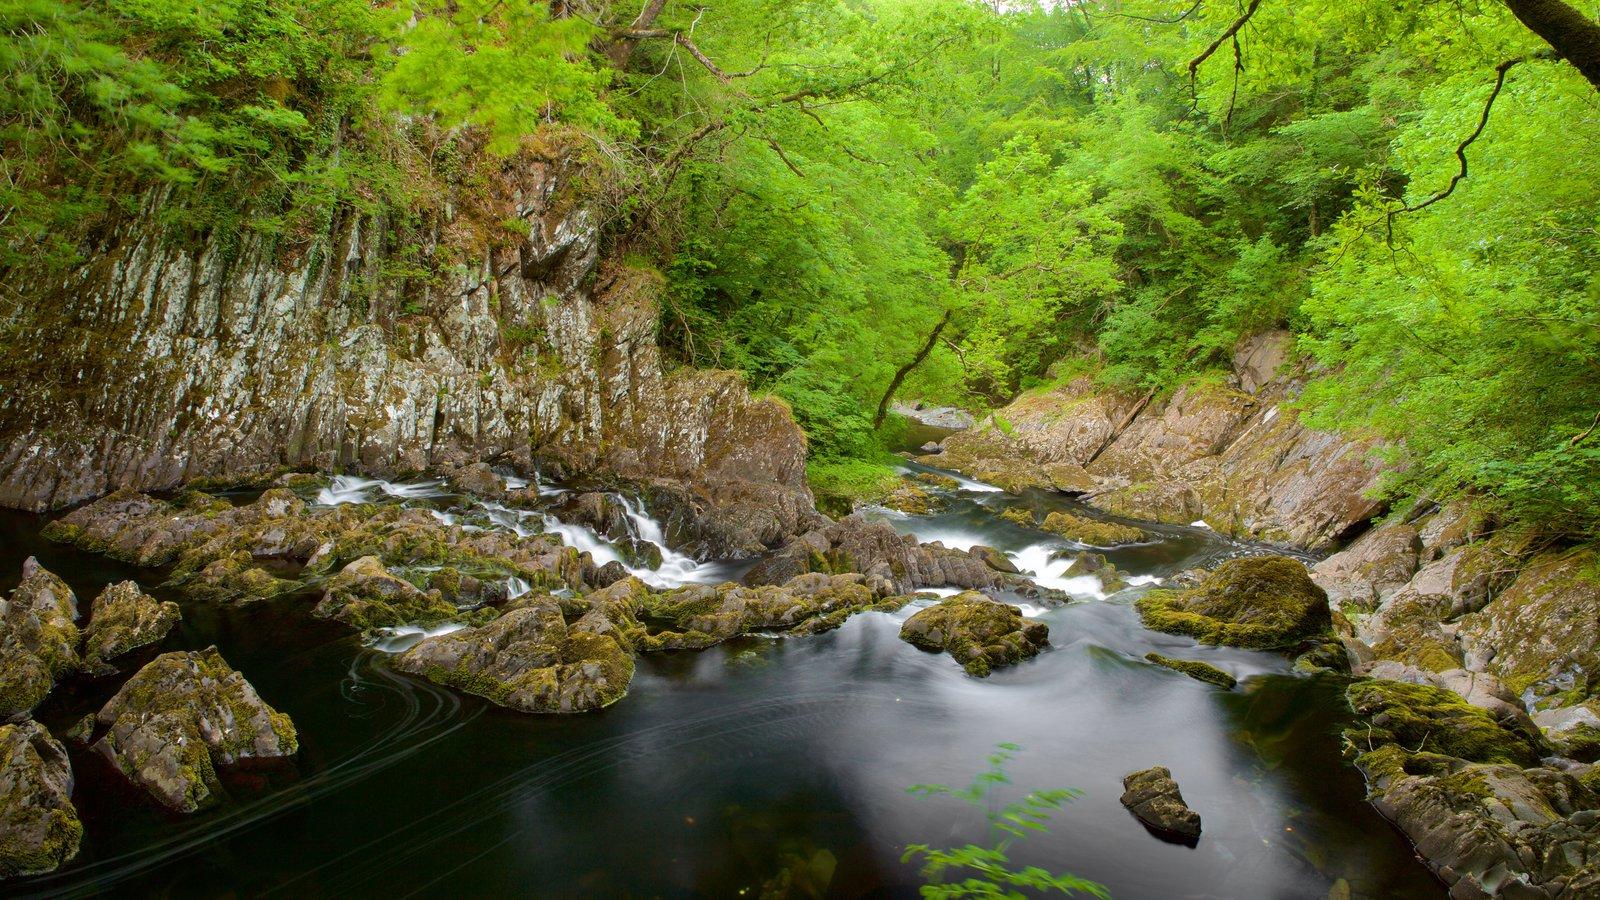 Swallow Falls caracterizando florestas e um rio ou córrego